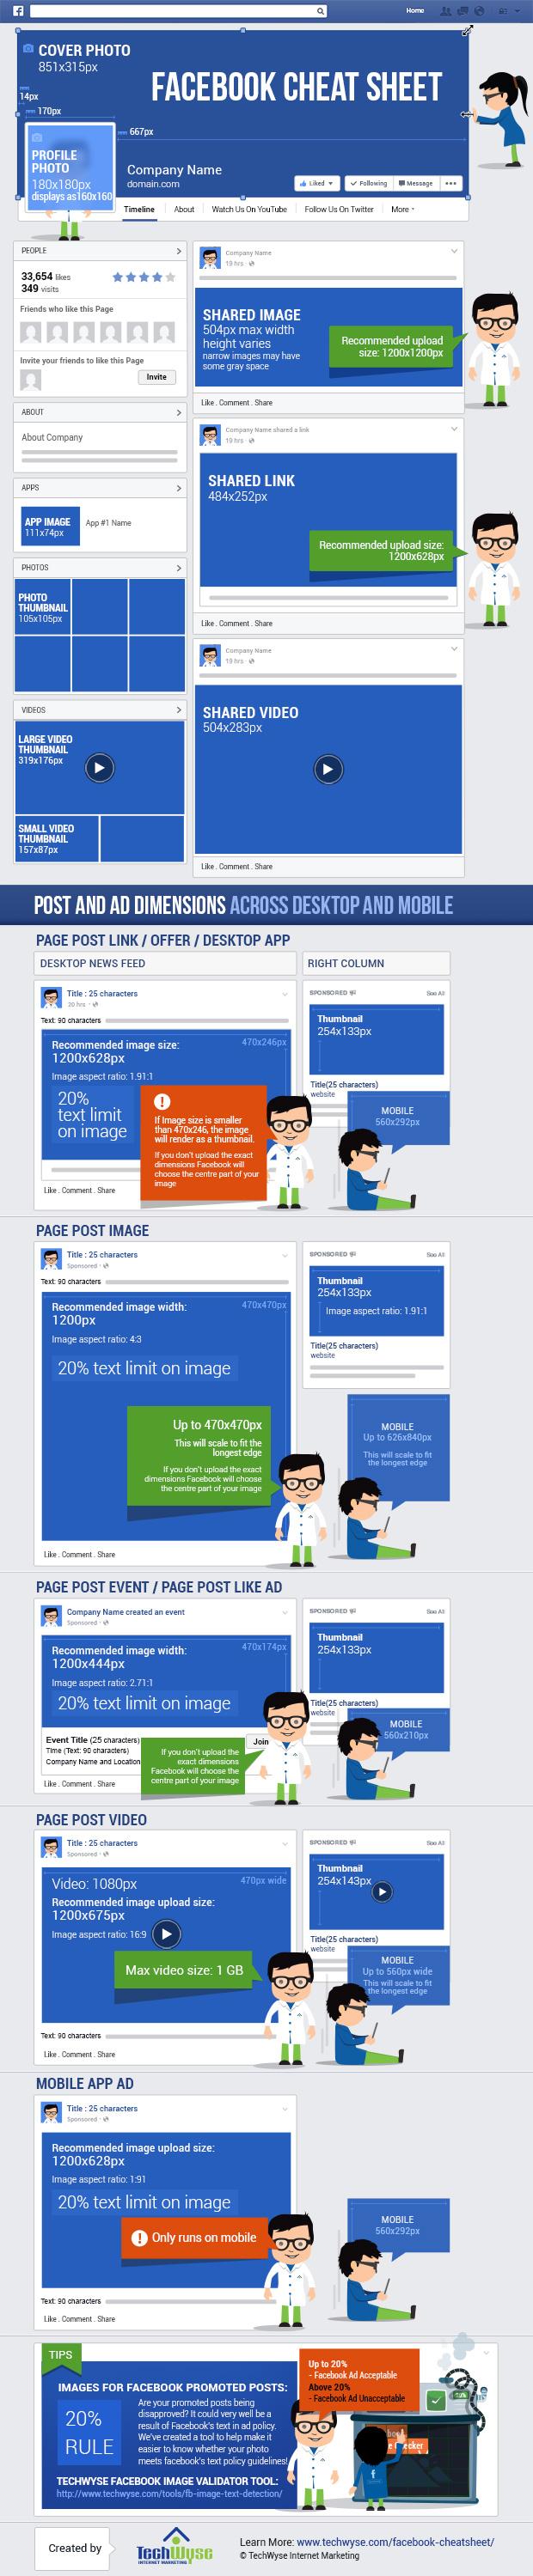 menentukan resolusi pada facebook